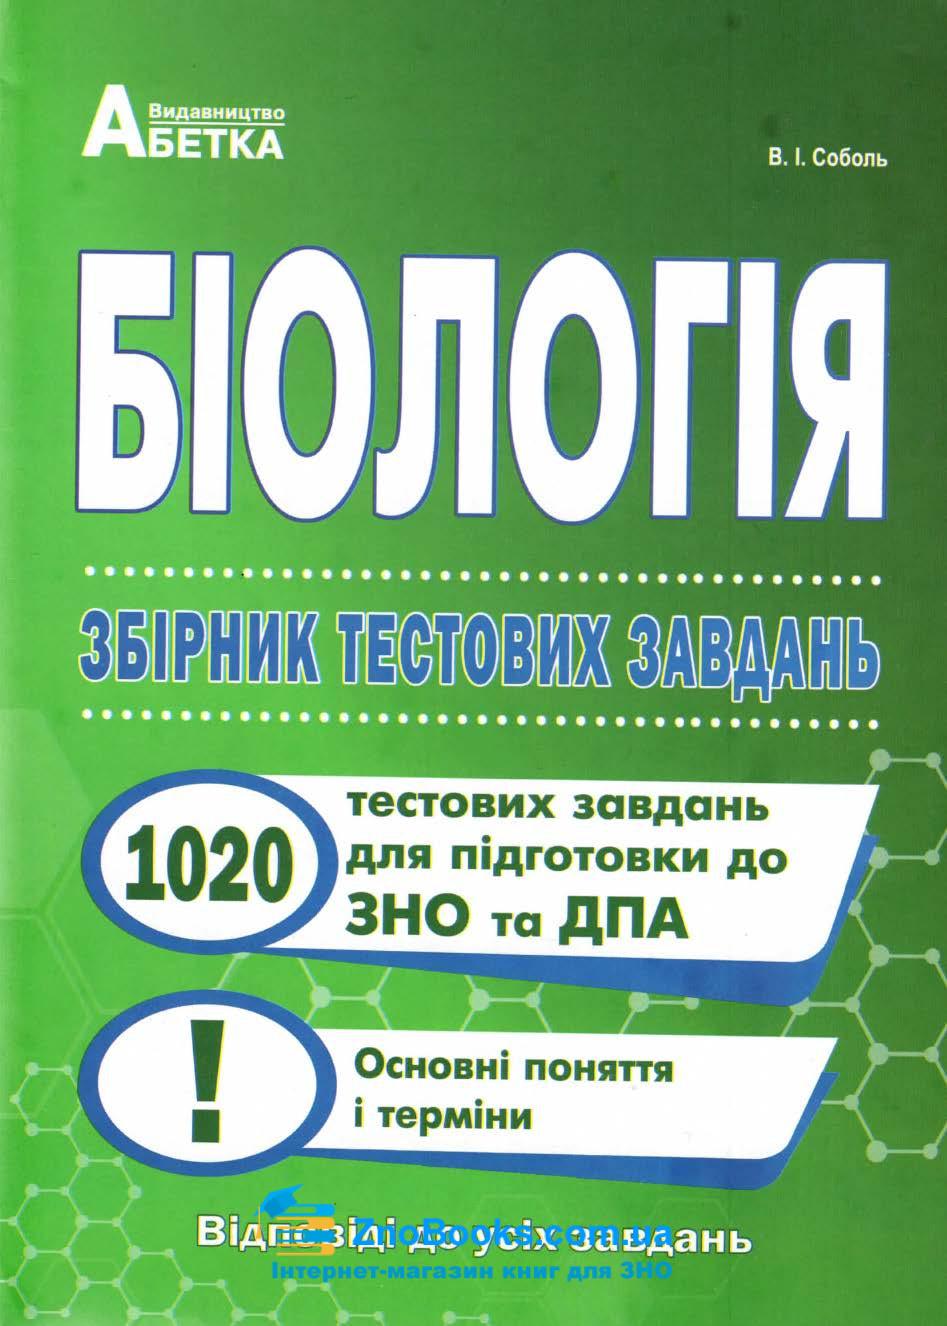 Біологія ЗНО 2021. Збірник тестів : Соболь В. Абетка. купити 0